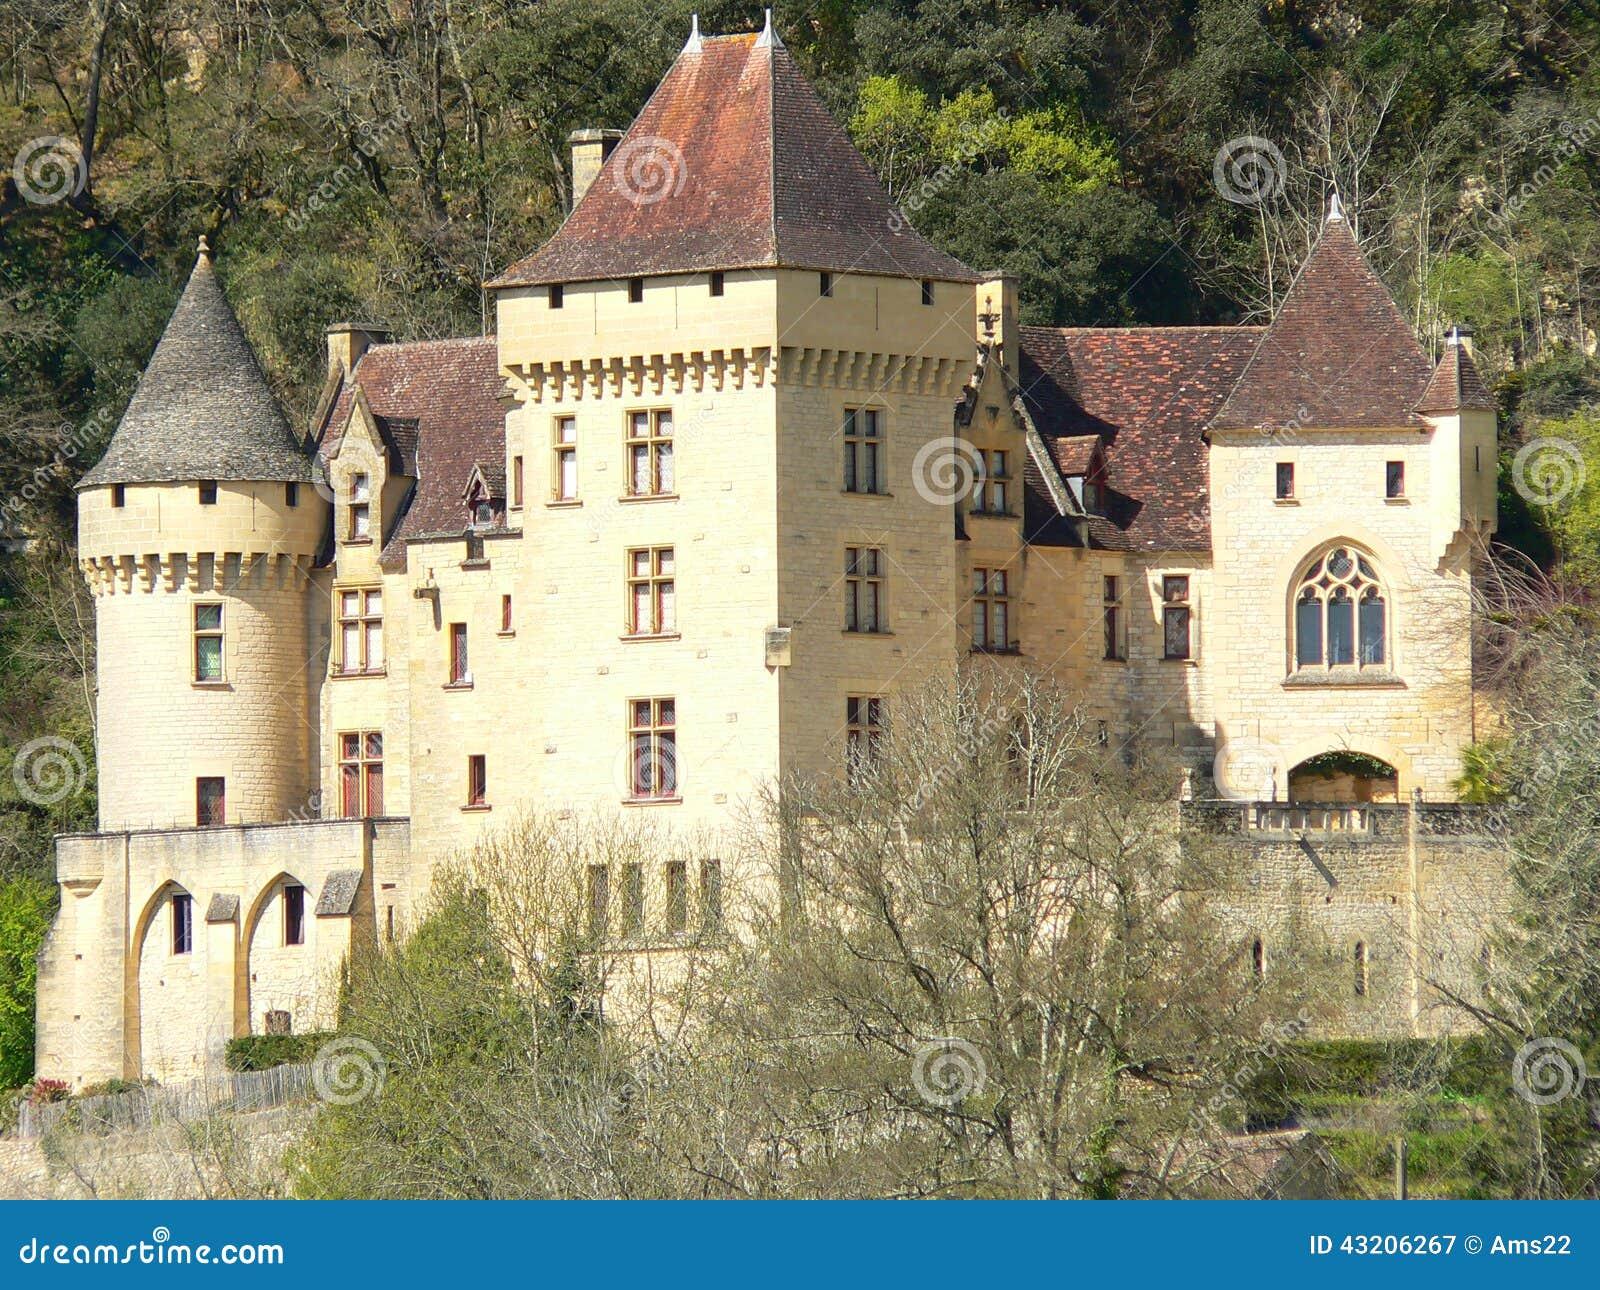 Chateau de la malartrie la roque gageac france image for Chateau la roque